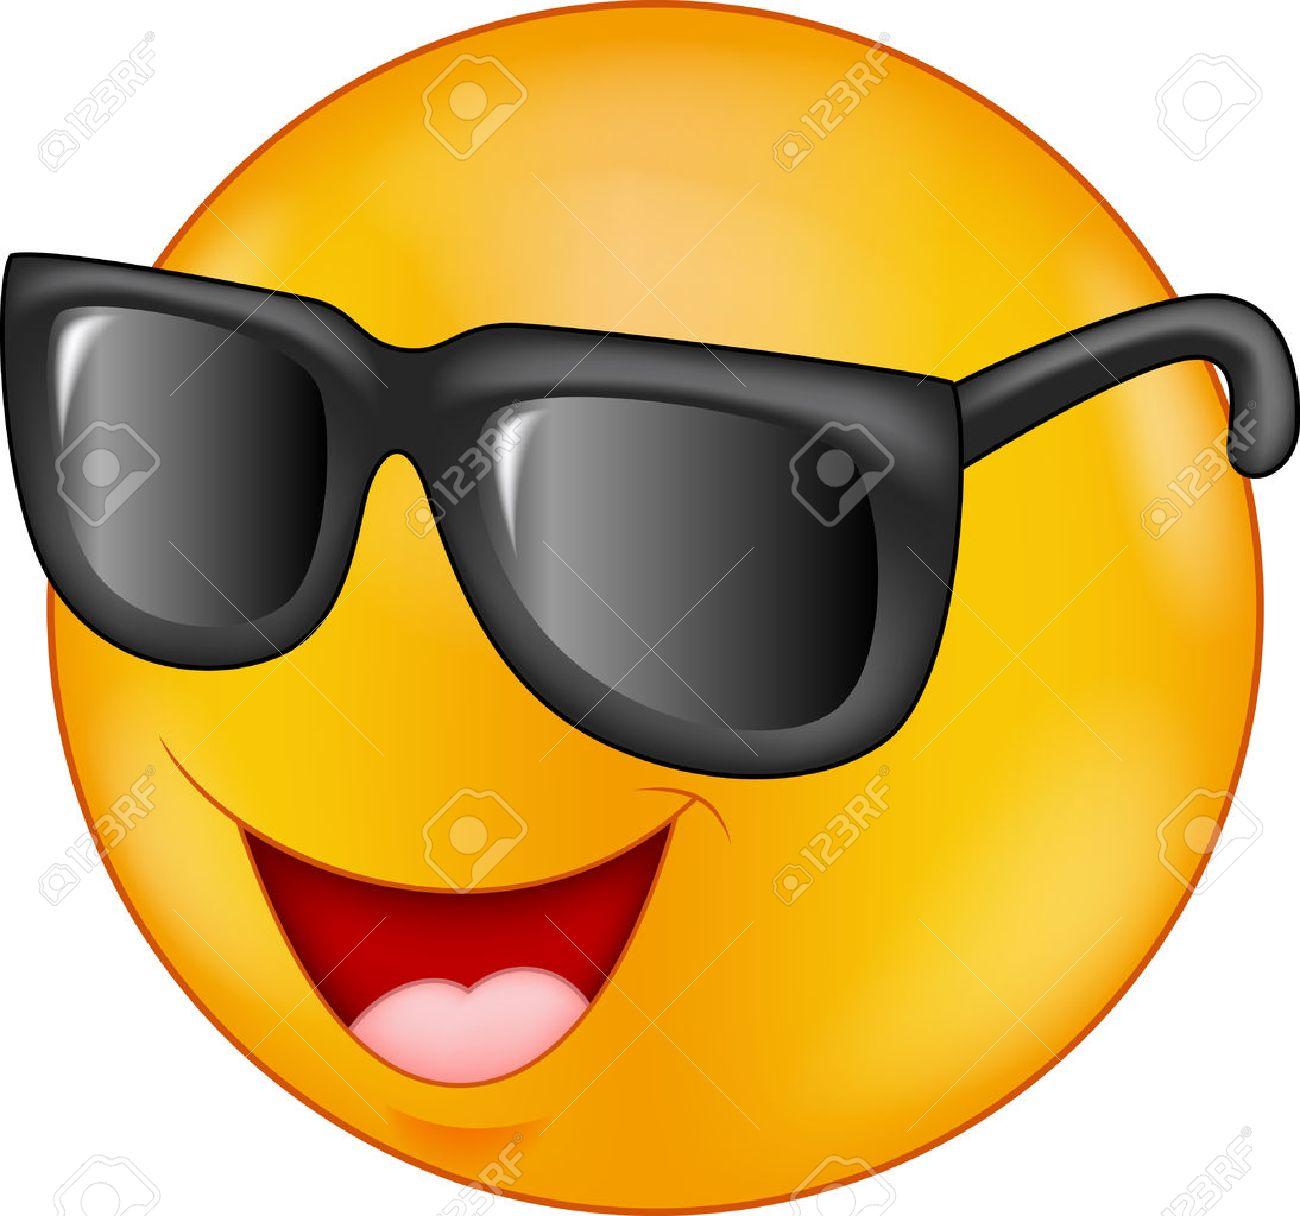 Dessin Lunettes De Soleil sourire dessin animé émoticône lunettes de soleil clip art libres de